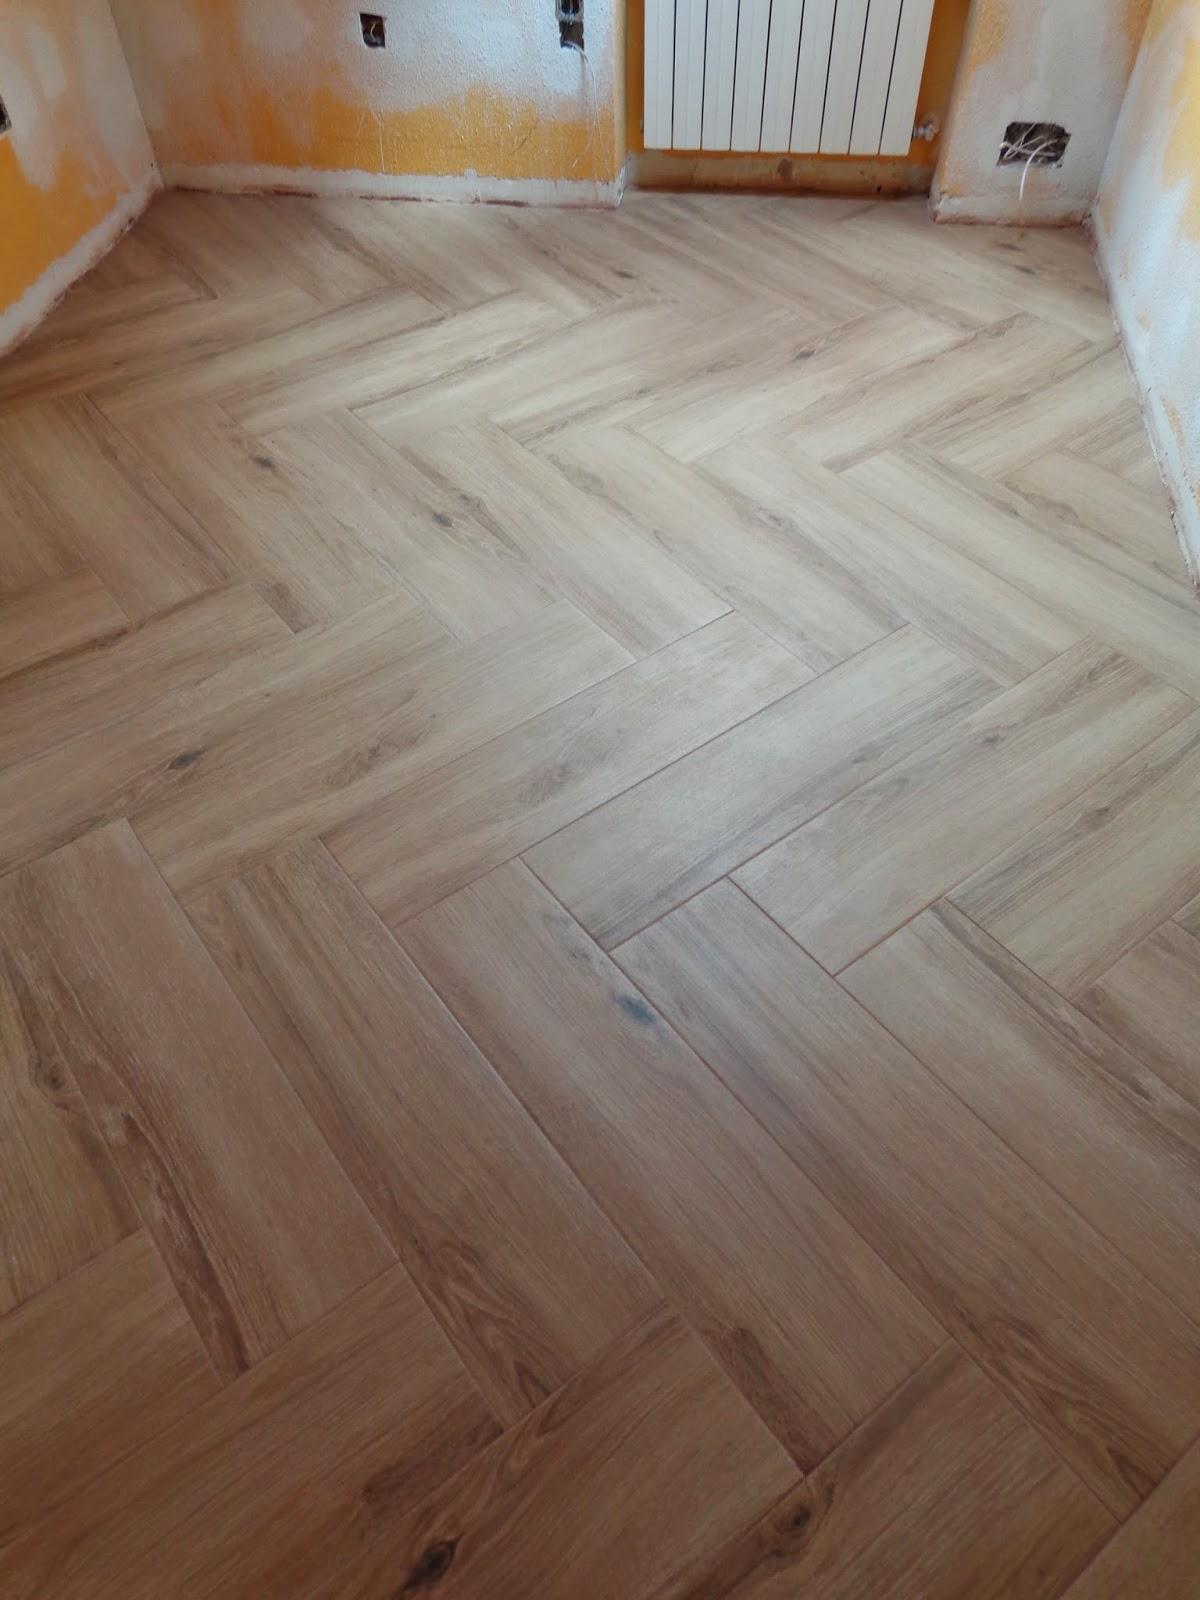 Baldosassa suelos porcel nicos imitacion madera - Suelo imitacion madera ...